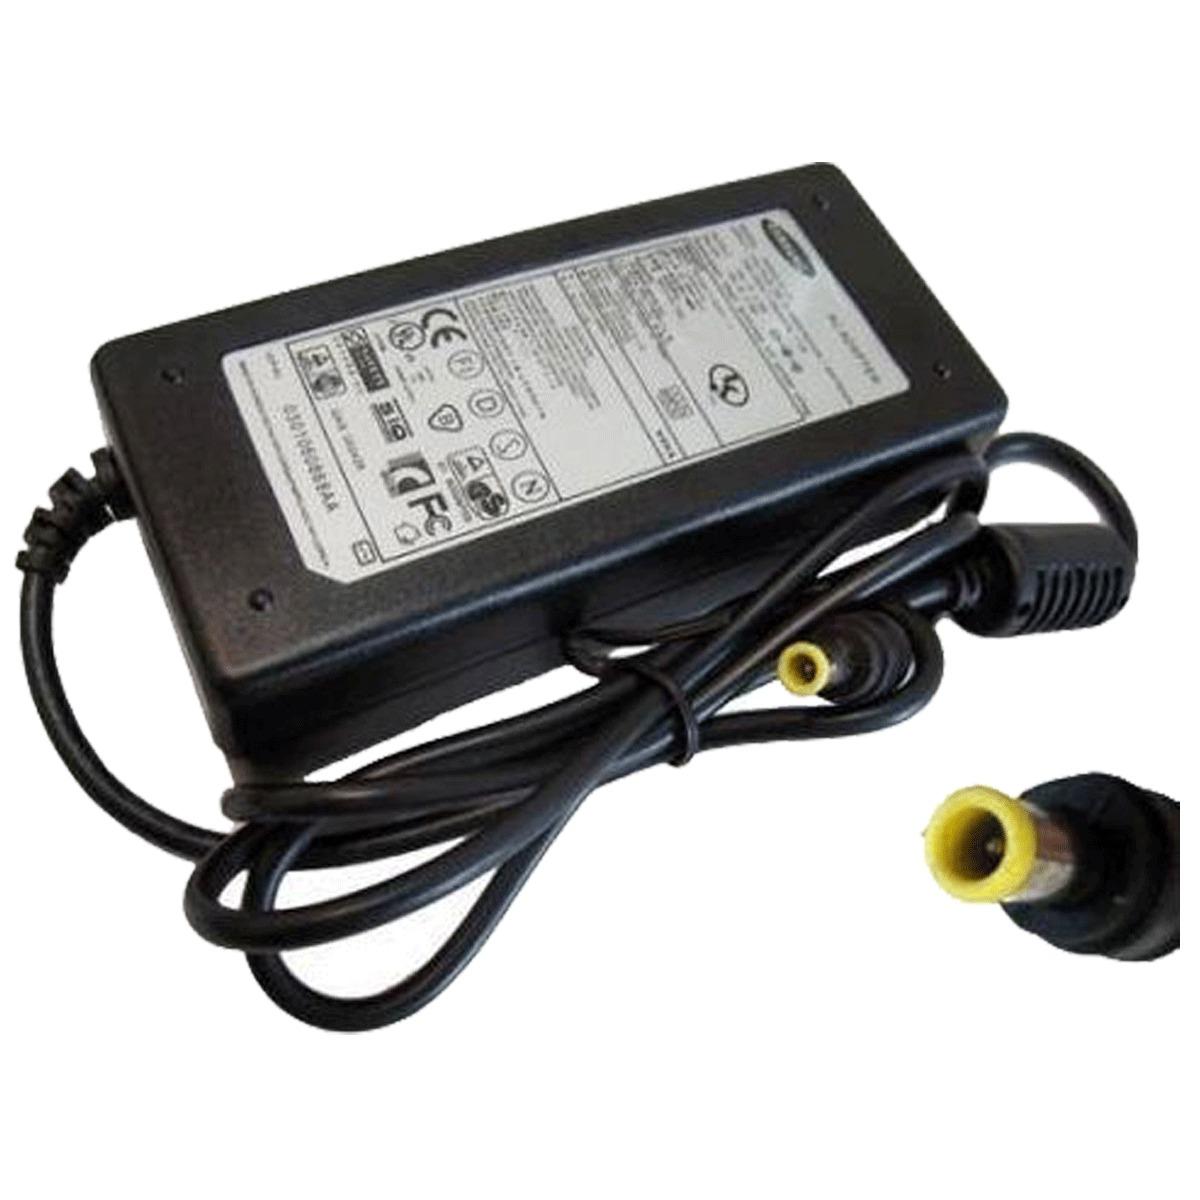 Fonte Carregador para Notebook Samsung 19.0v 4.74a  - LD Cabos Soluções Áudio e Vídeo